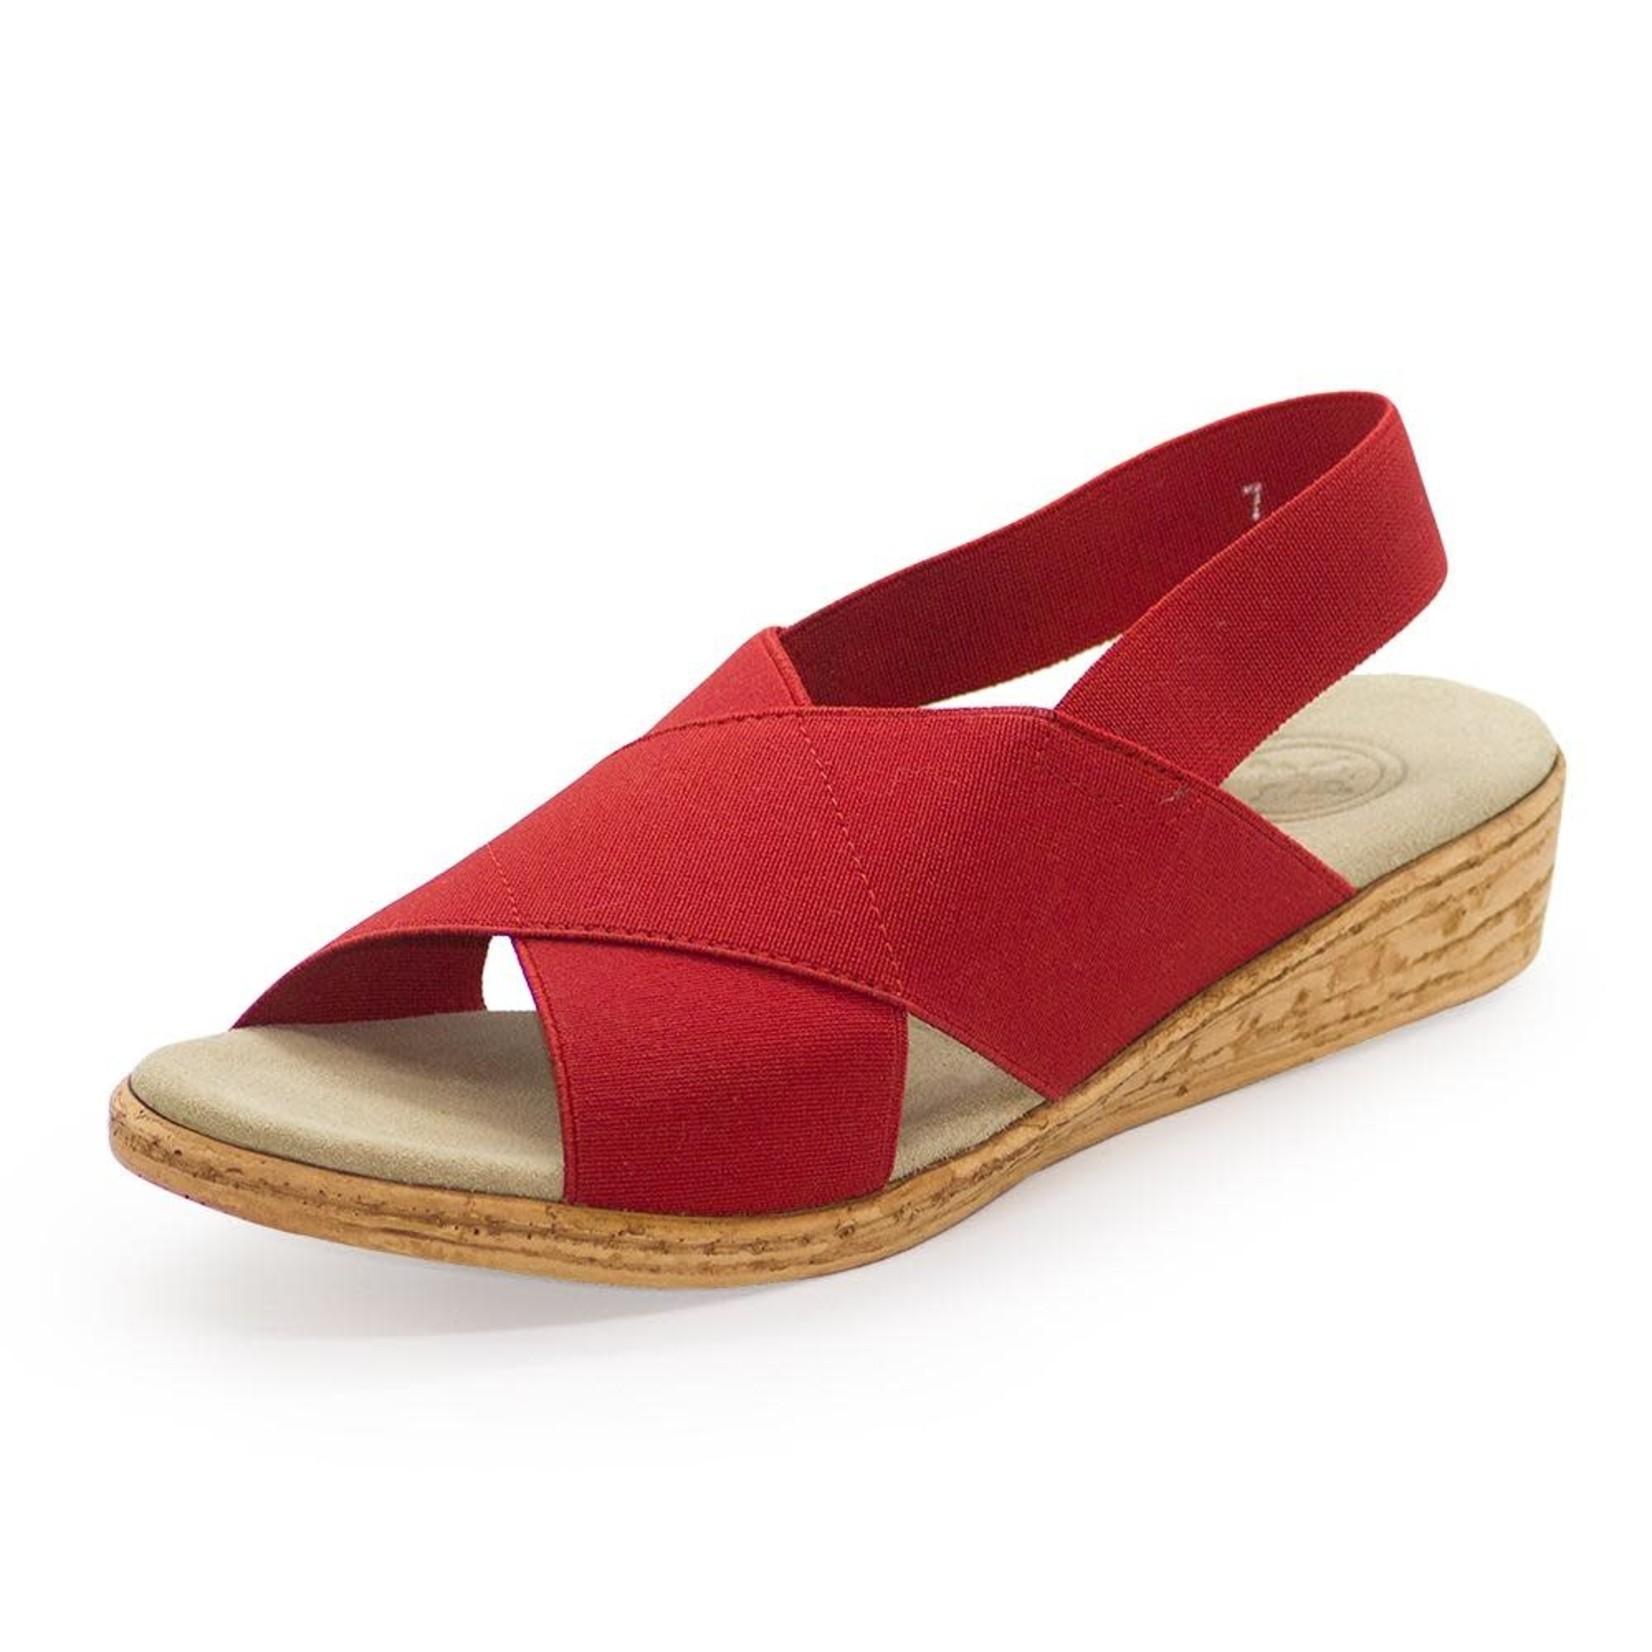 Atlantic Sandal in Red 10